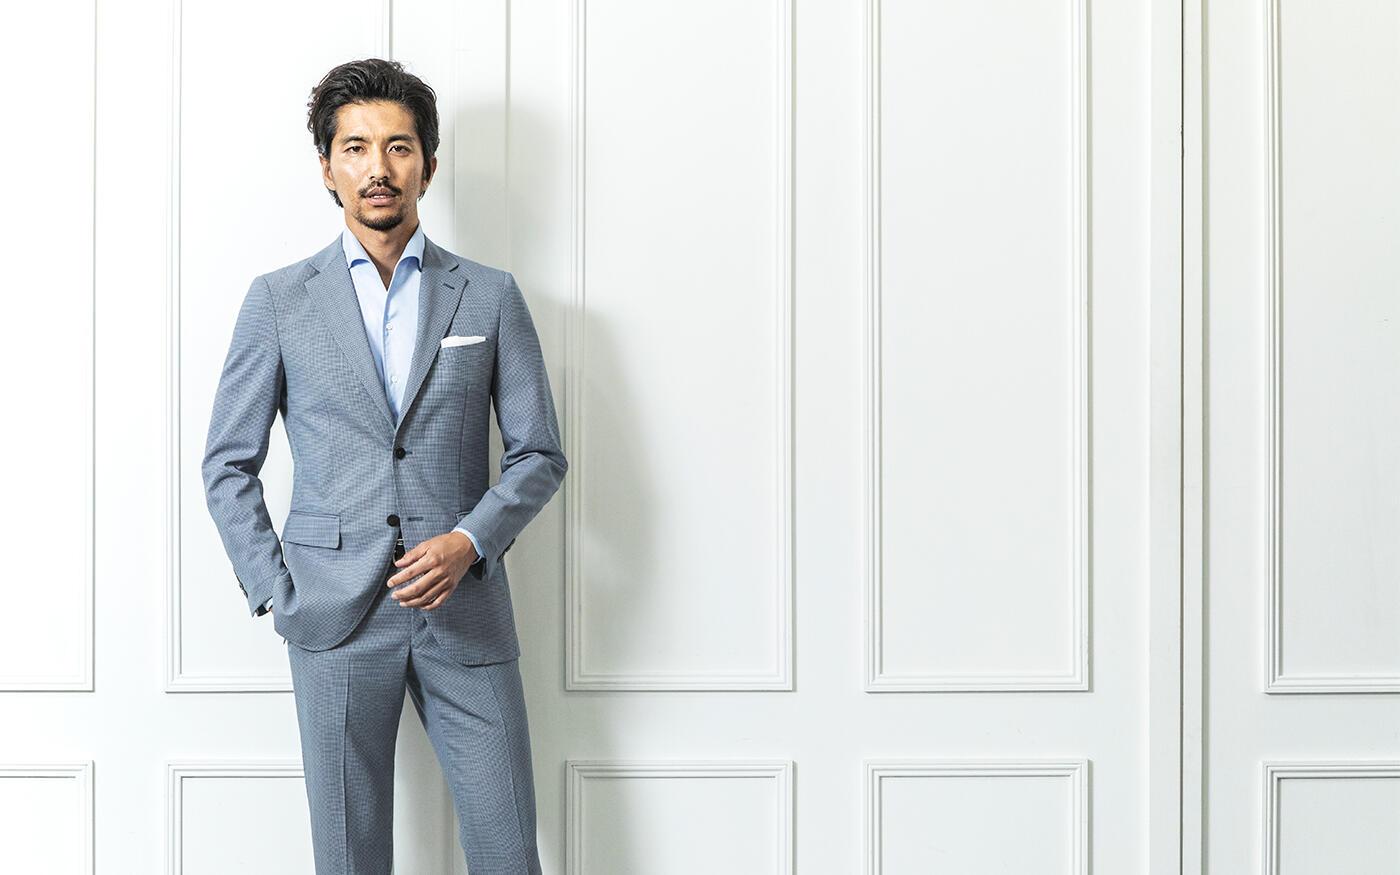 ビジネスマン必見! 簡単にスーツスタイルを||格上げする方法とは?